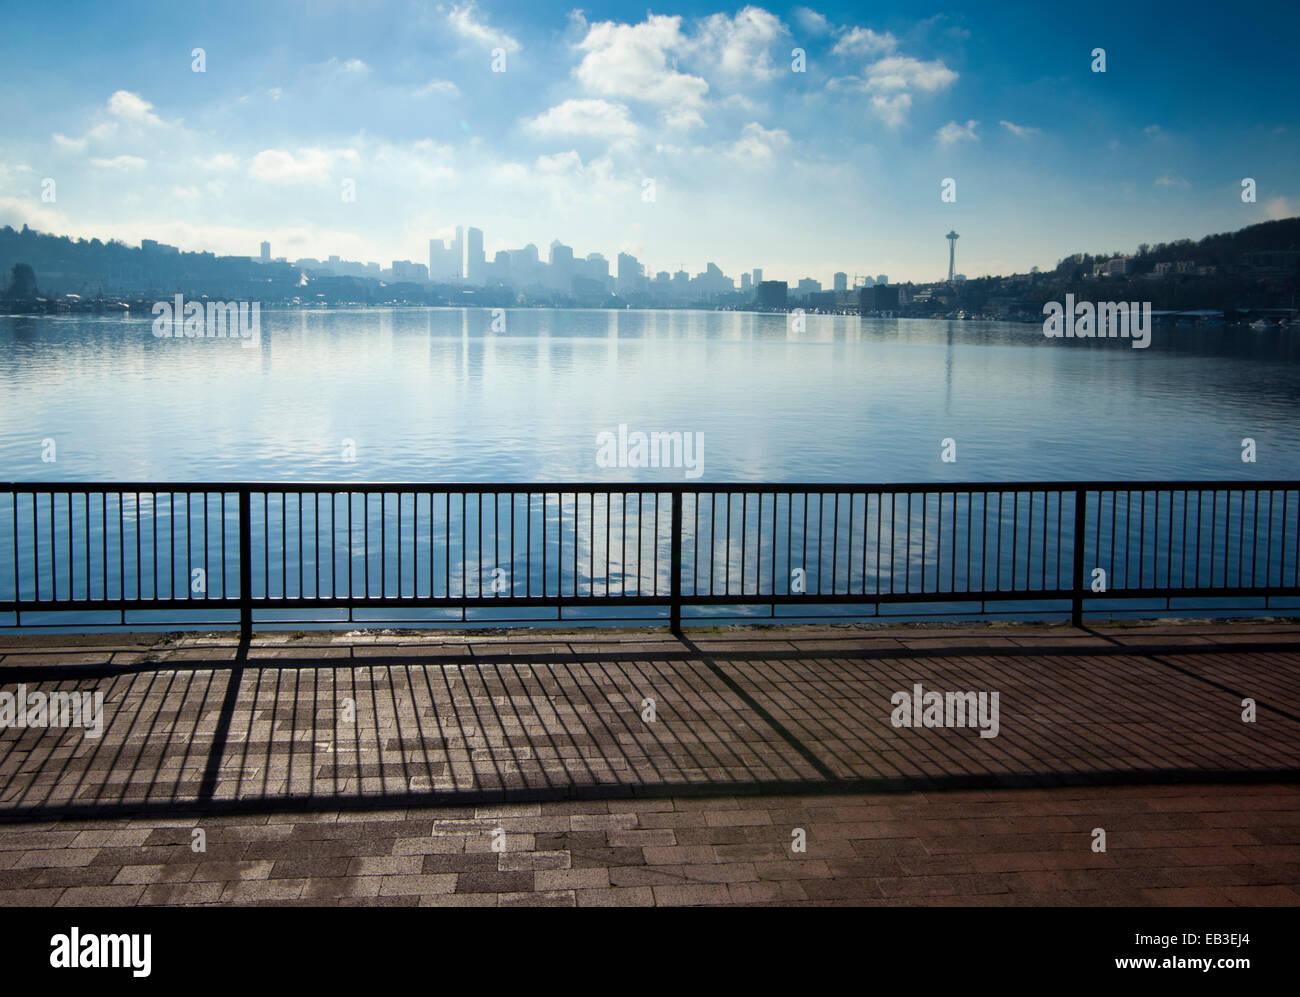 Bannister con vistas a la ciudad desde Seattle waterfront urbano, Washington, Estados Unidos Imagen De Stock